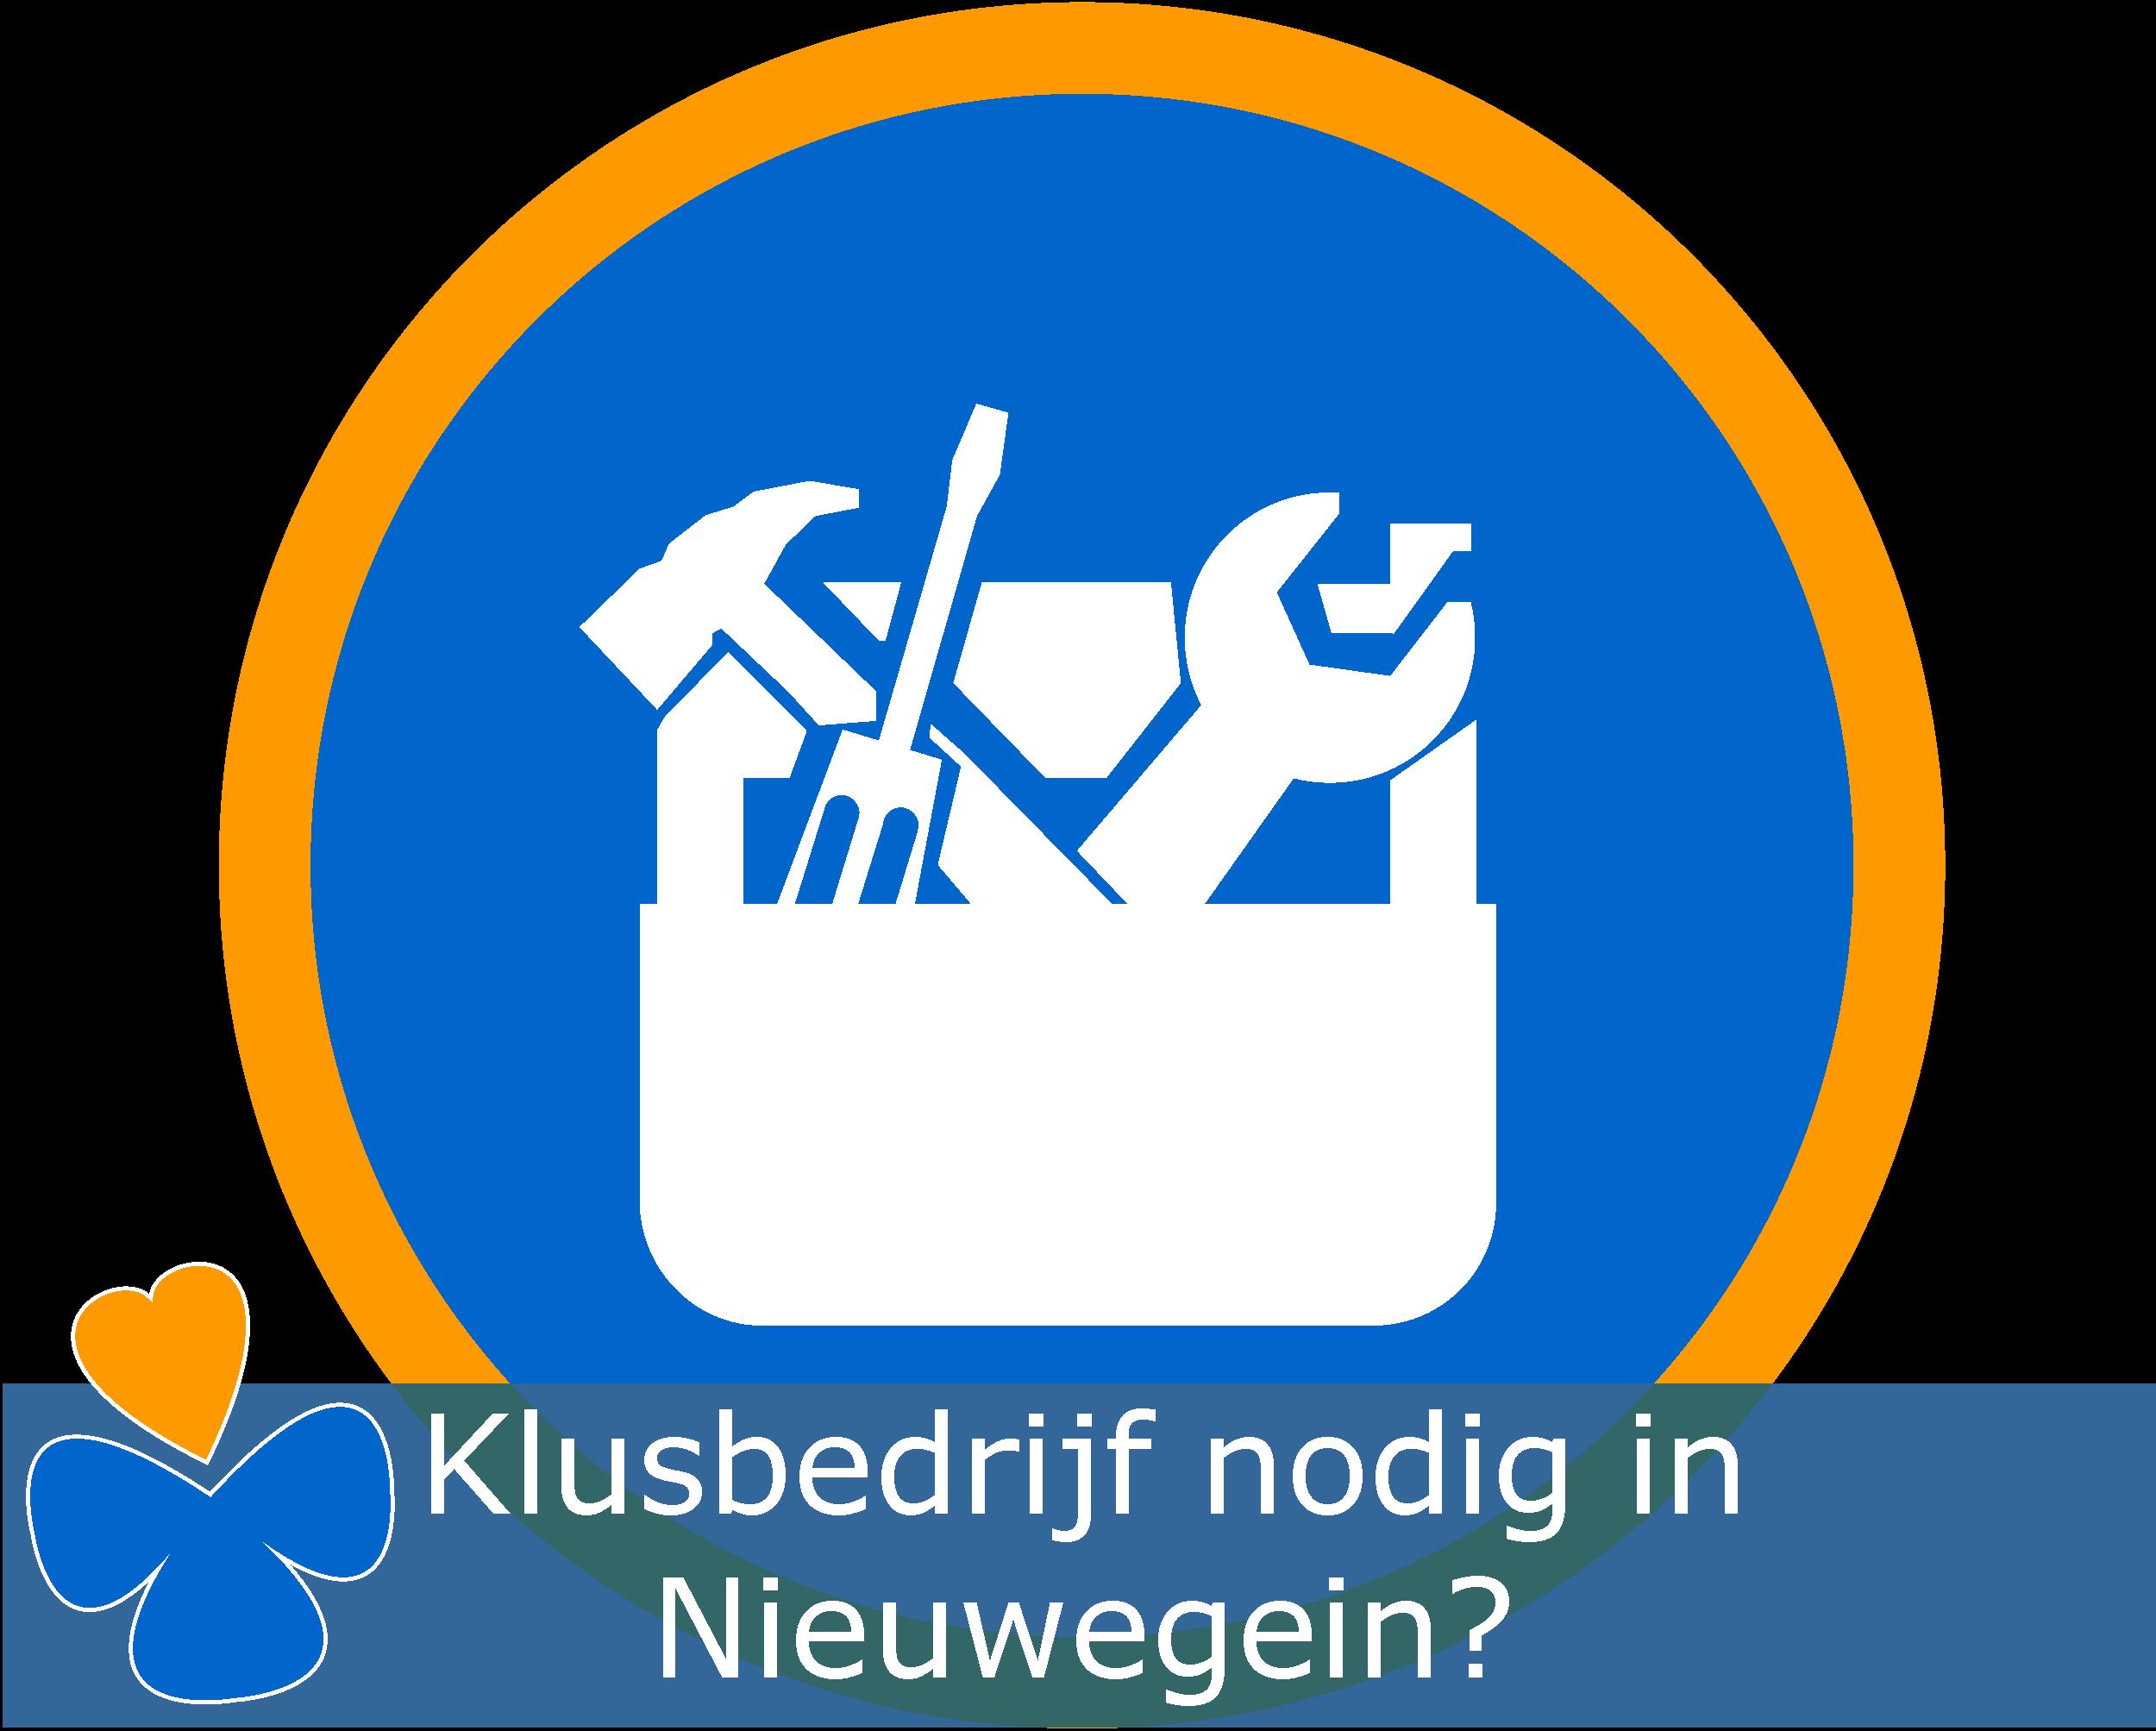 Klusbedrijf Nieuwegein en omgeving nodig? Wij matchen het juiste klusbedrijf! Klusbedrijven staan klaar in Nieuwegein.